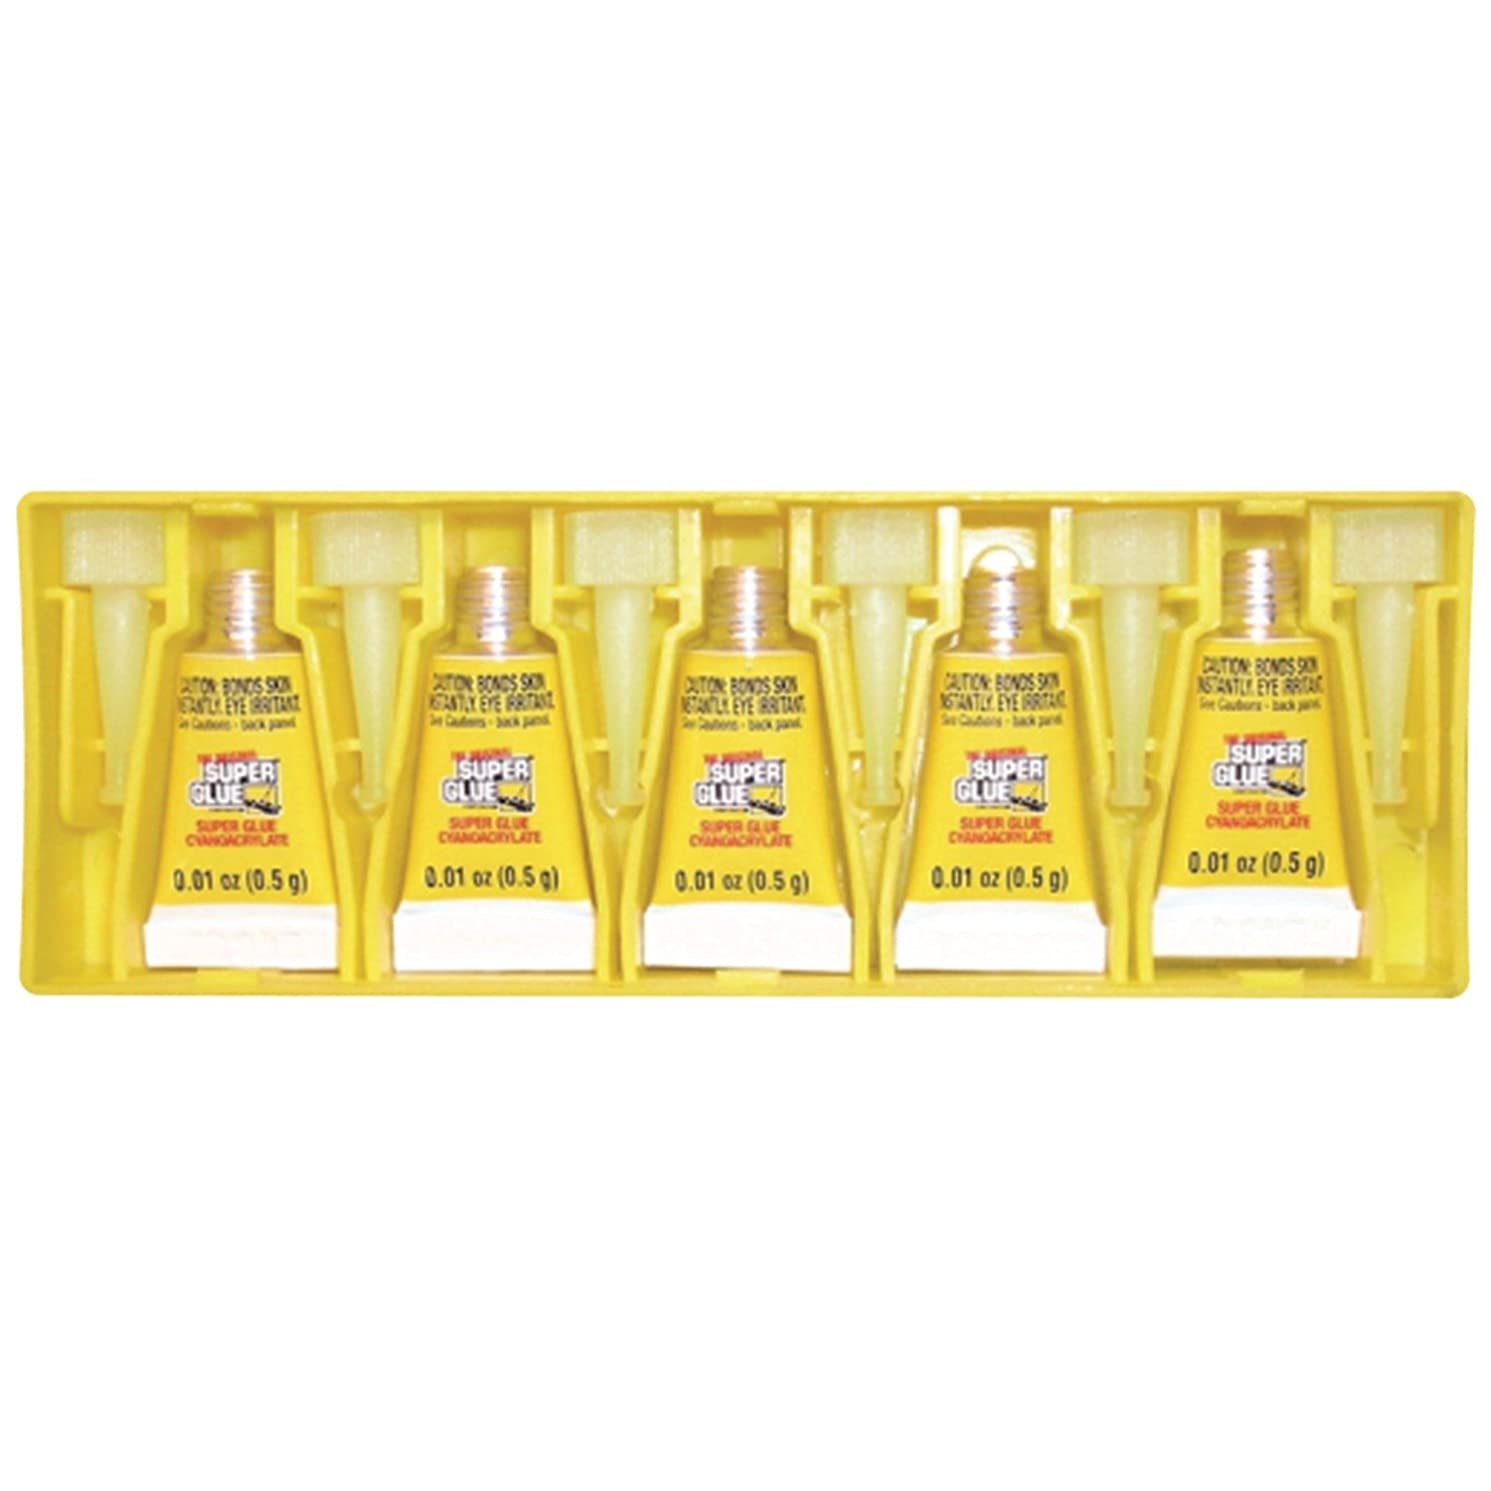 Super Glue The Original Superglue(r) 15175-12 Instant Adhesive Mini Tubes, 5 Pk